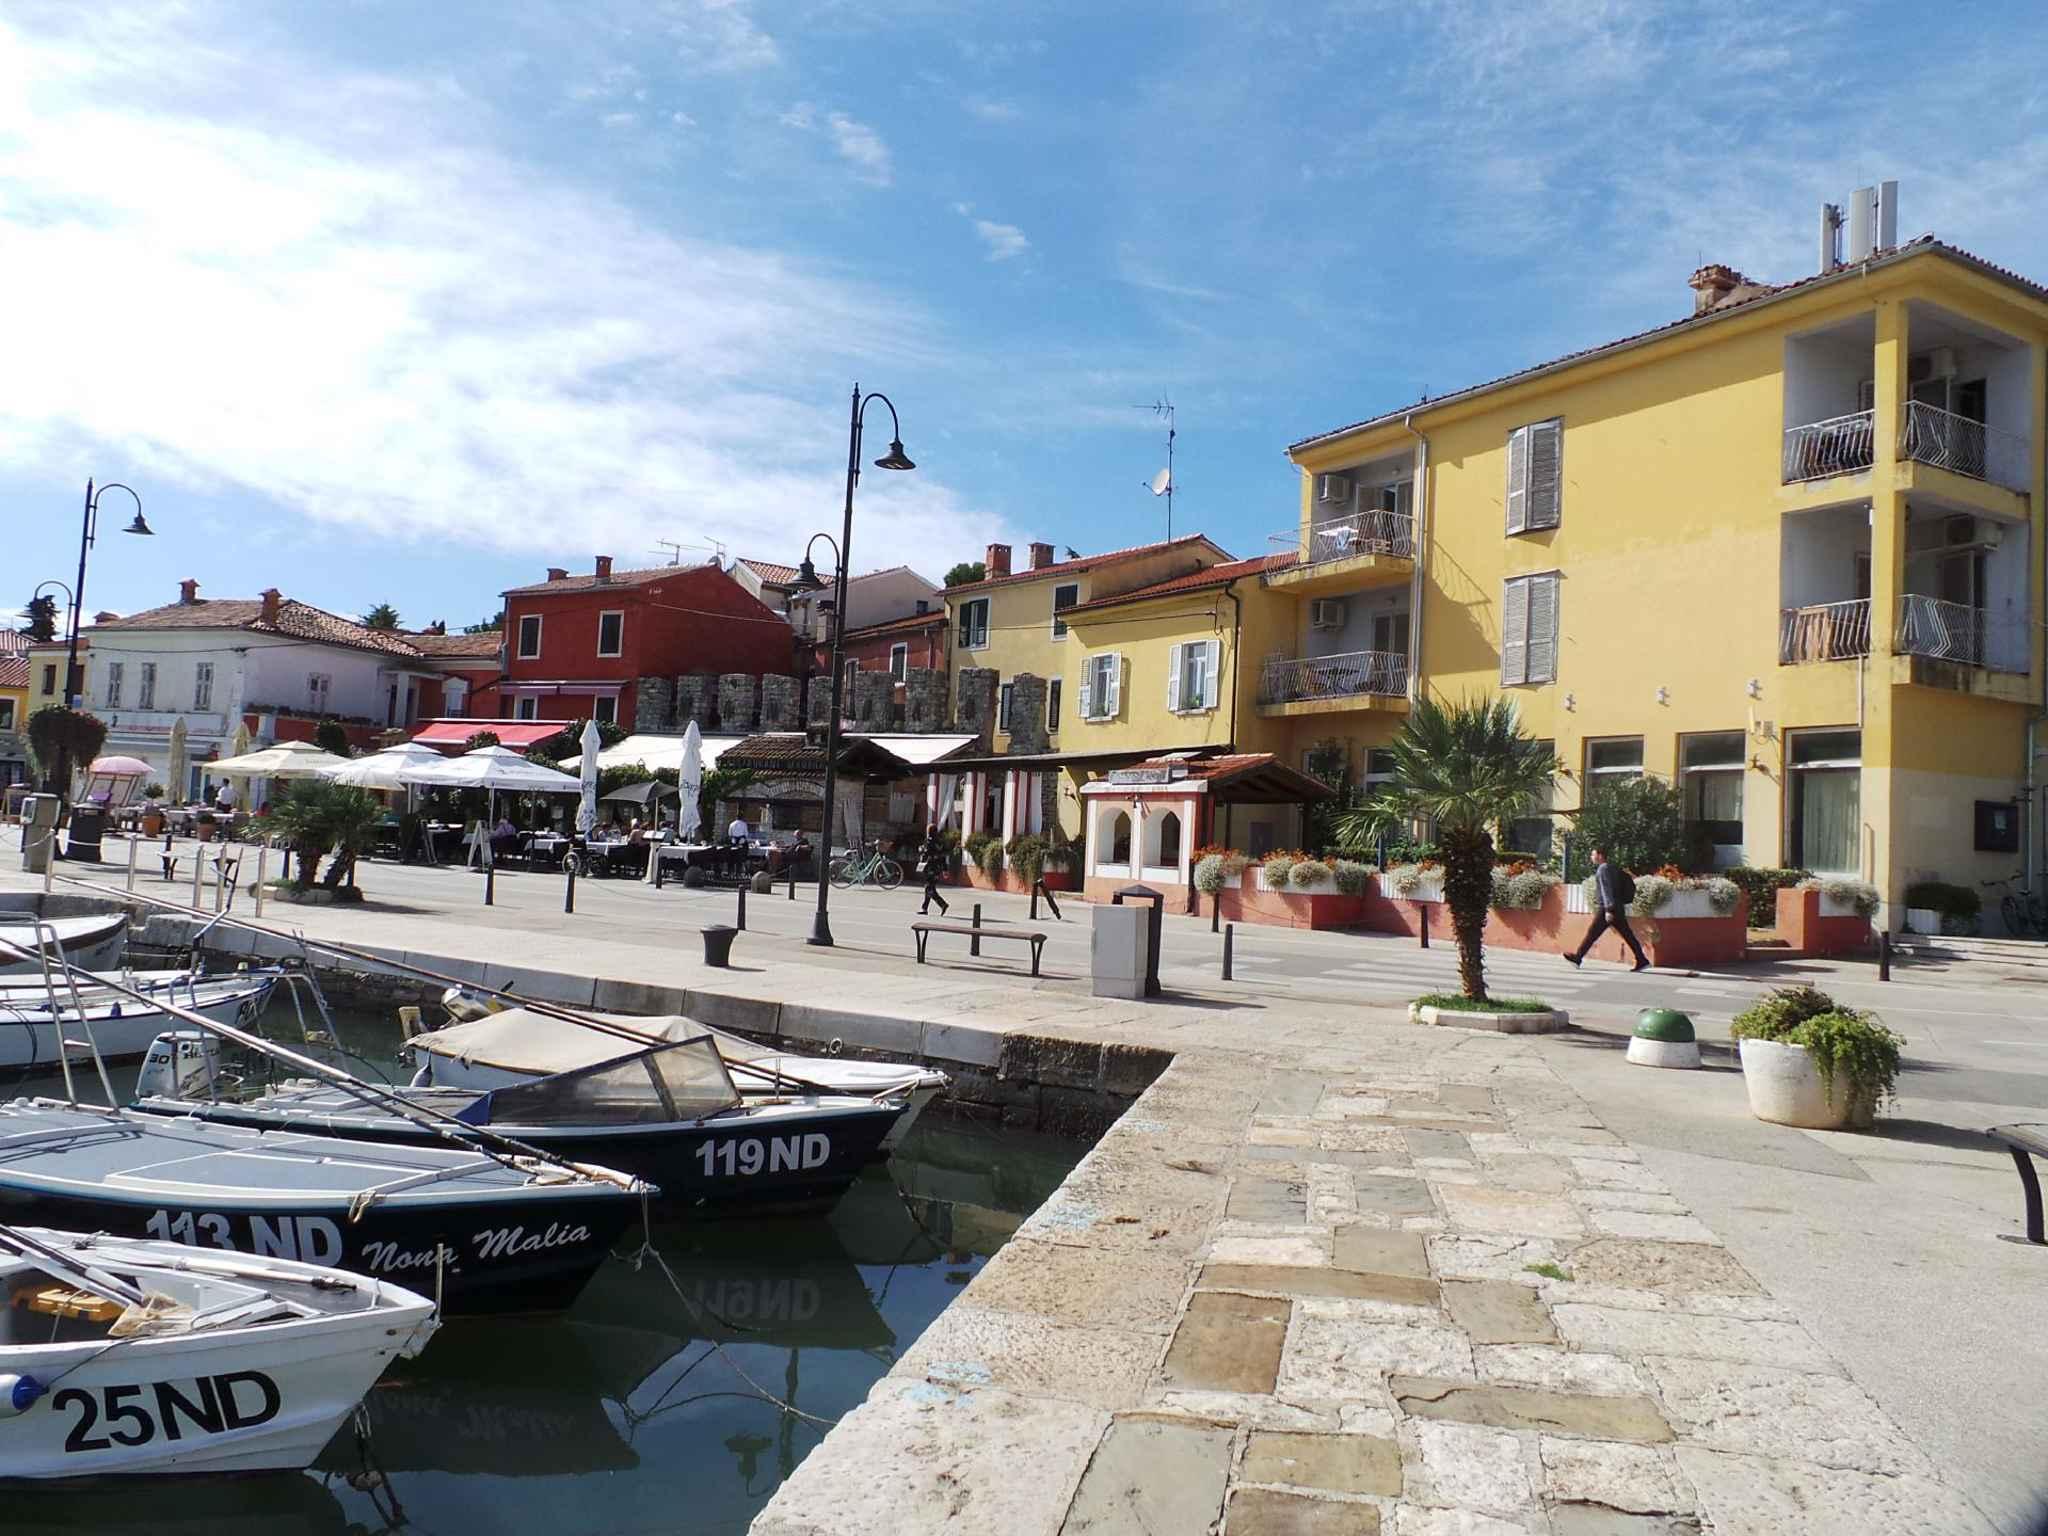 Ferienwohnung mit 4 Bäder nur 250 m von der Adria (278909), Zadar, , Dalmatien, Kroatien, Bild 26